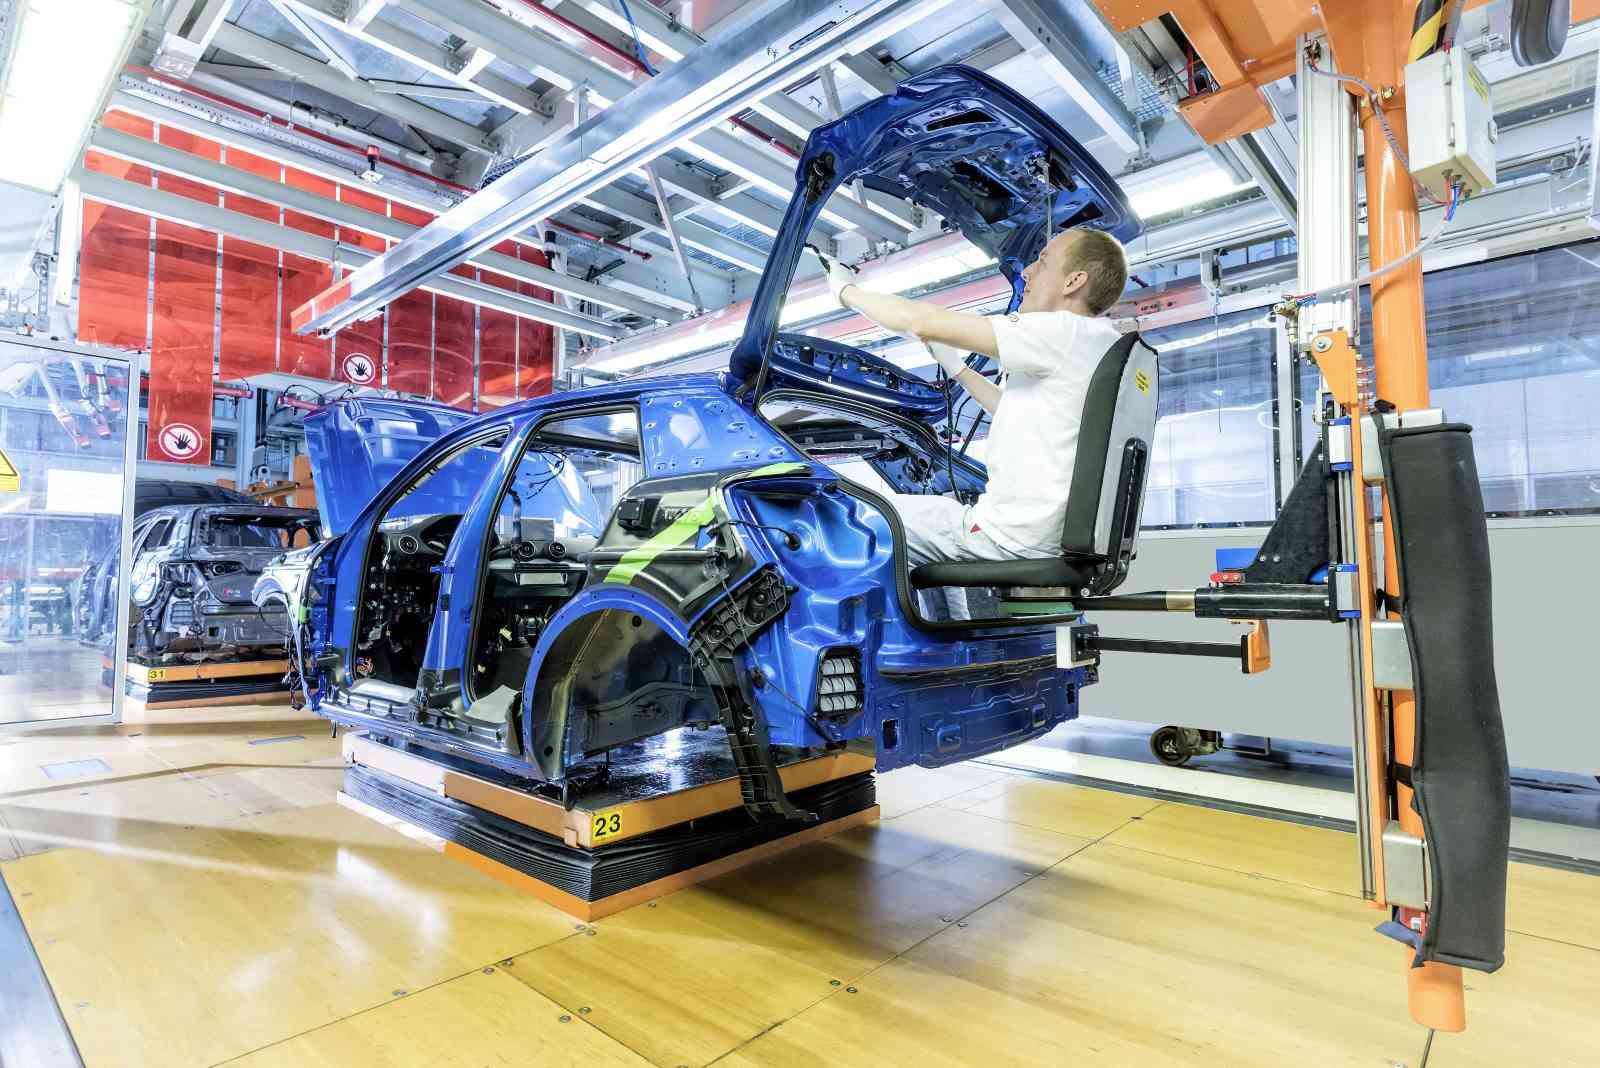 Una visita ad Ingolstadt. Dentro la fabbrica dell'Audi